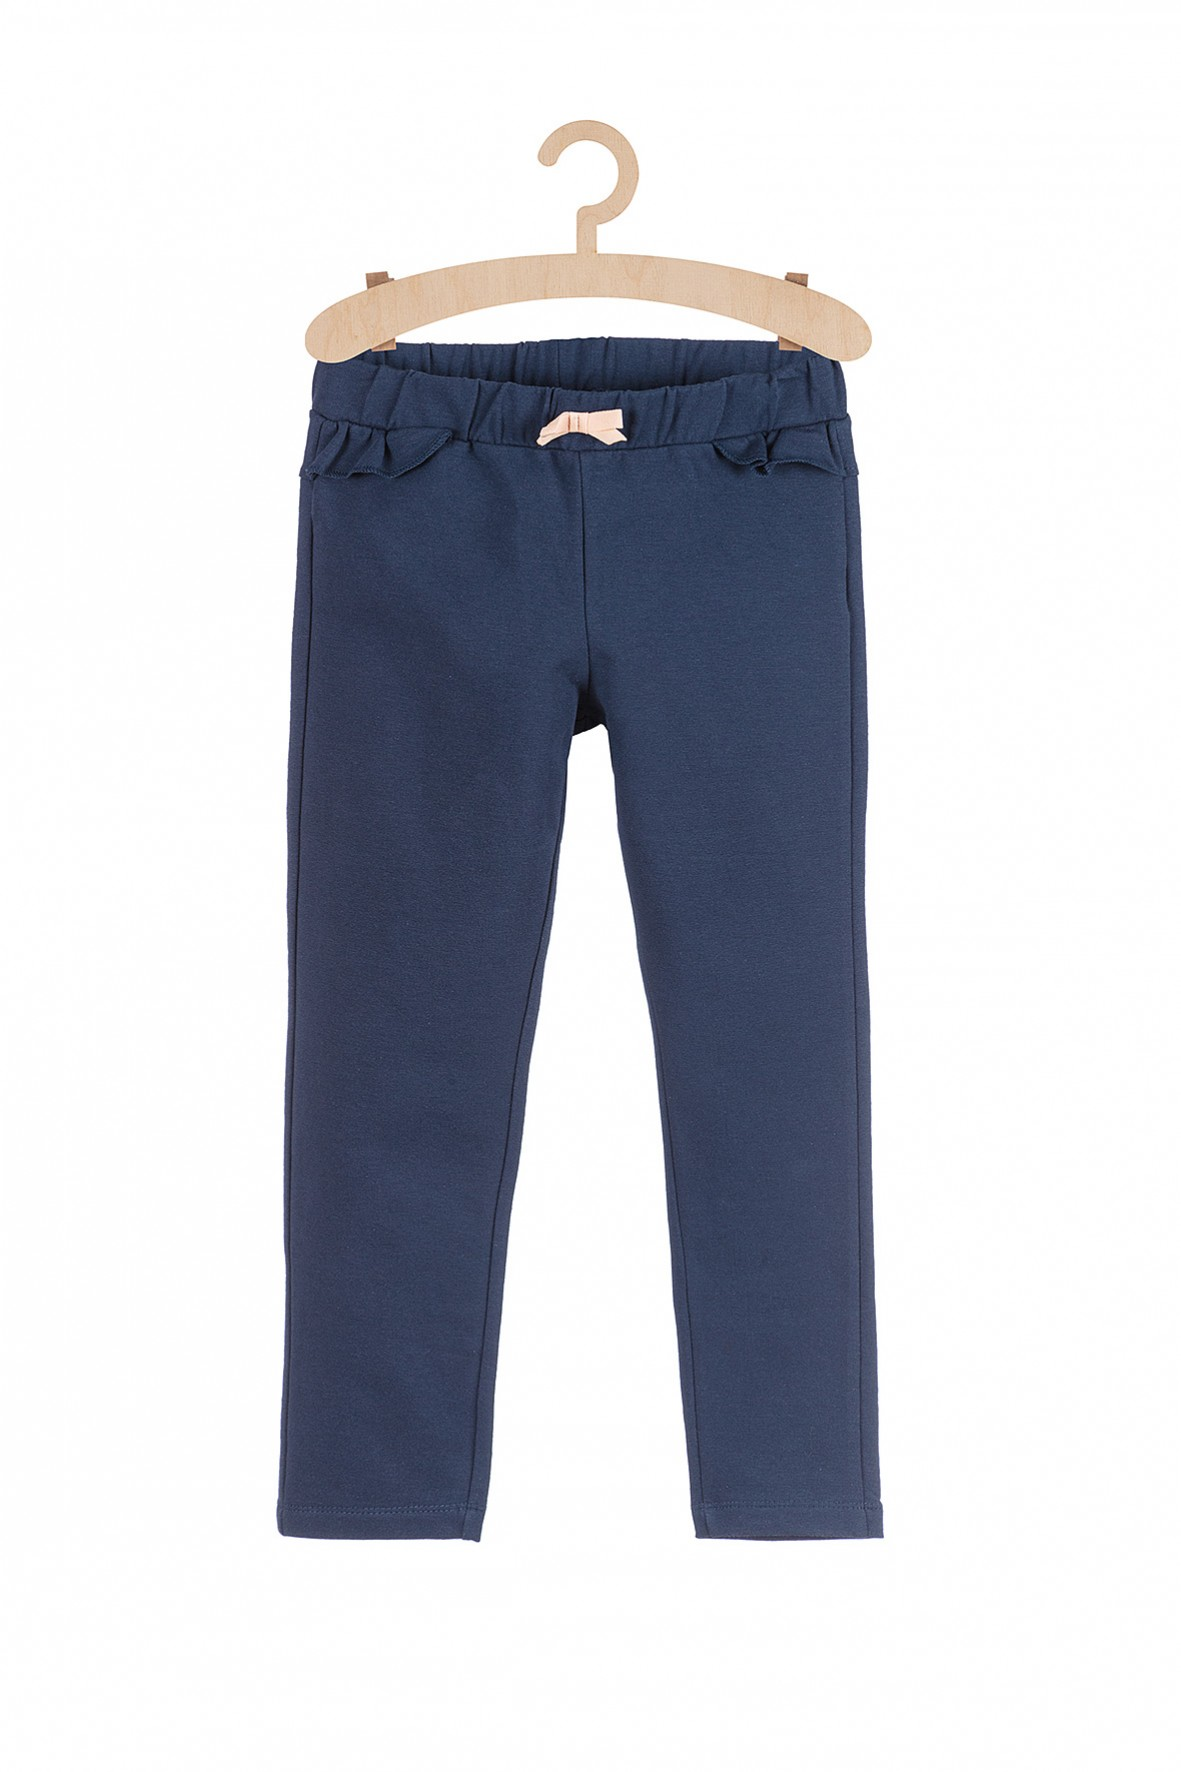 Granatowe spodnie dresowe z ozdobną falbanką